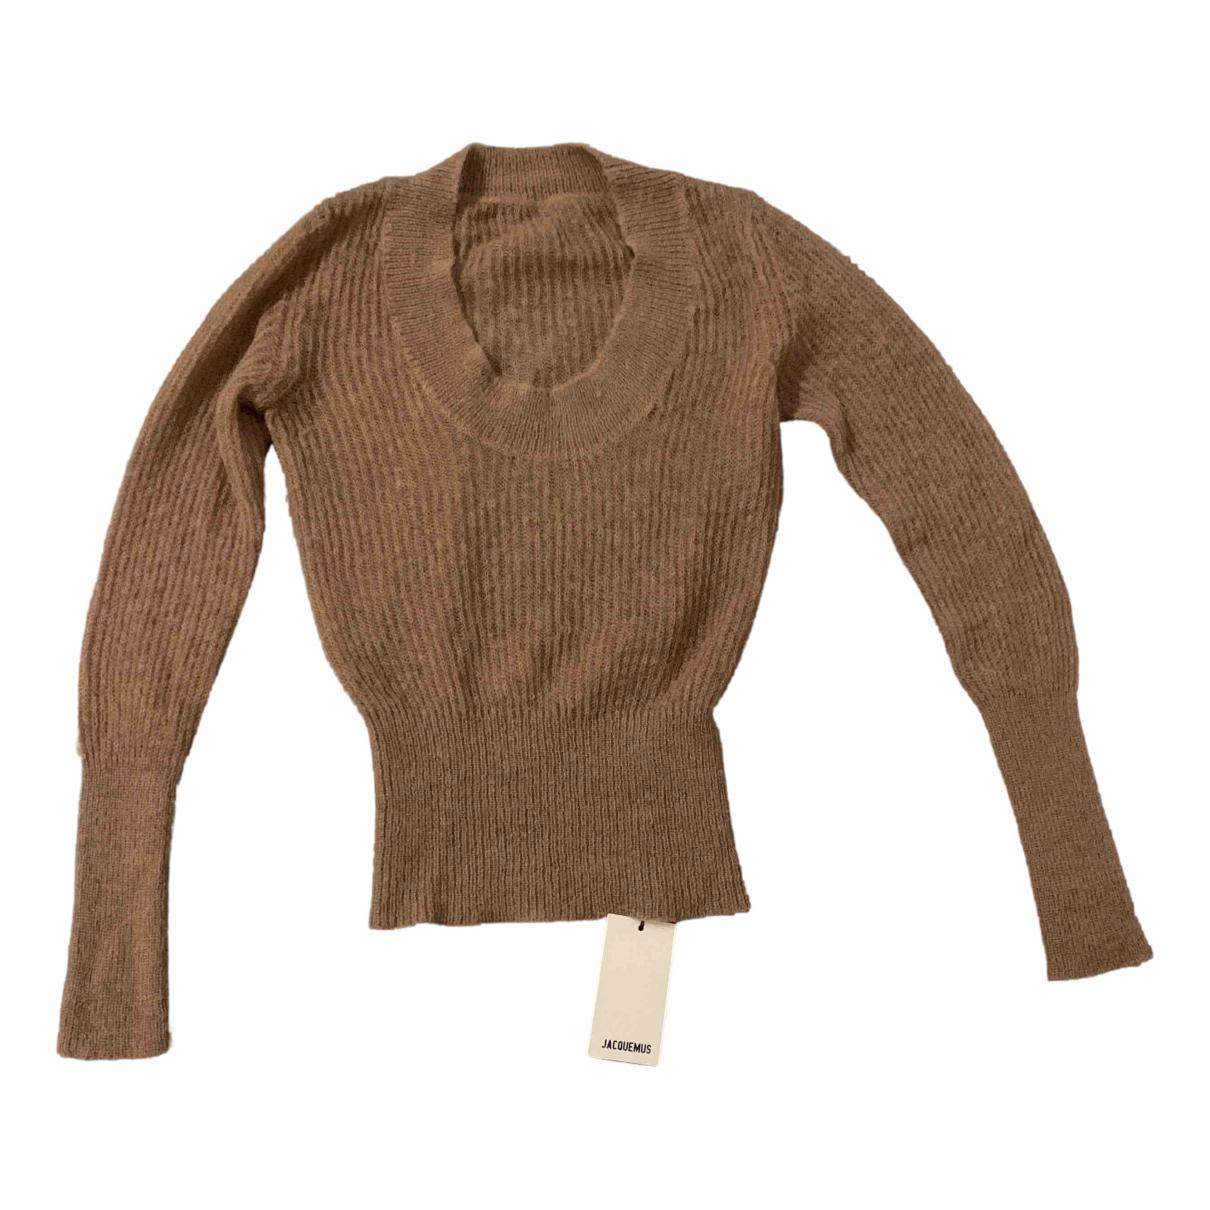 Jacquemus - Pull La Maille Pablo pour femme en laine - camel